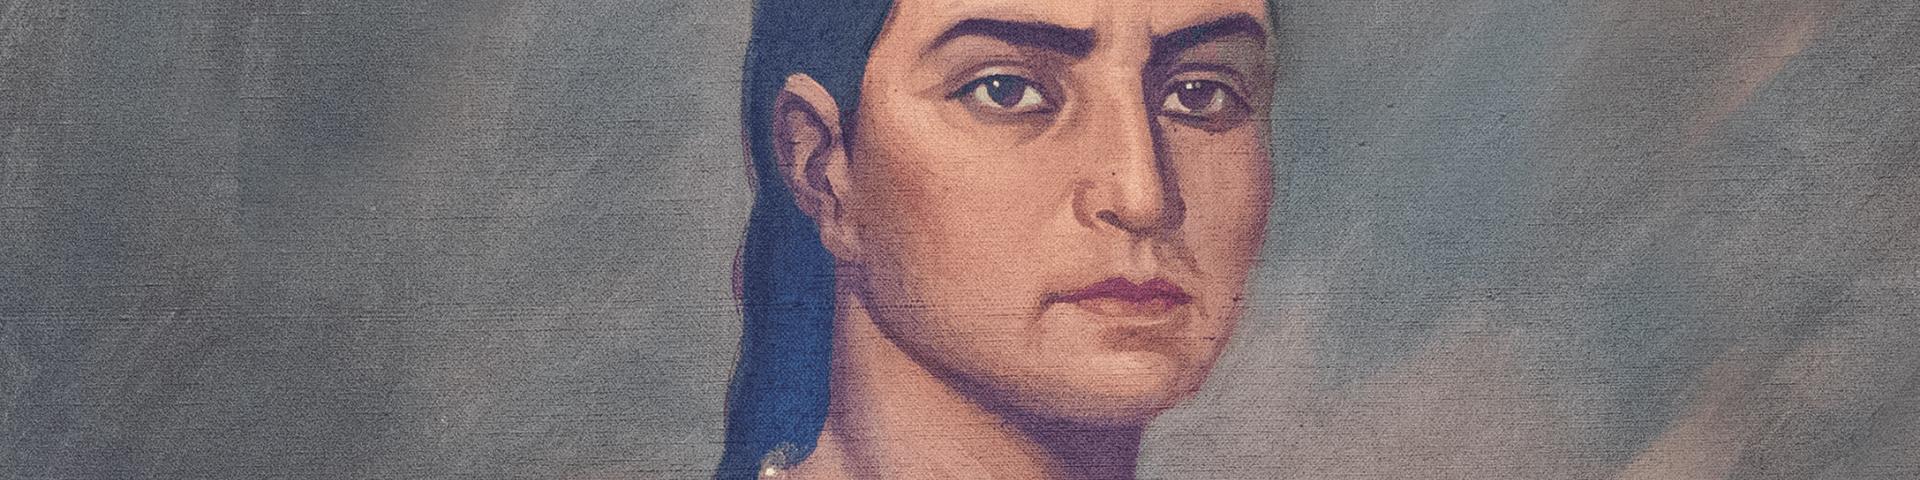 moneda de maría parado de bellido, la mujer en el proceso de la independencia